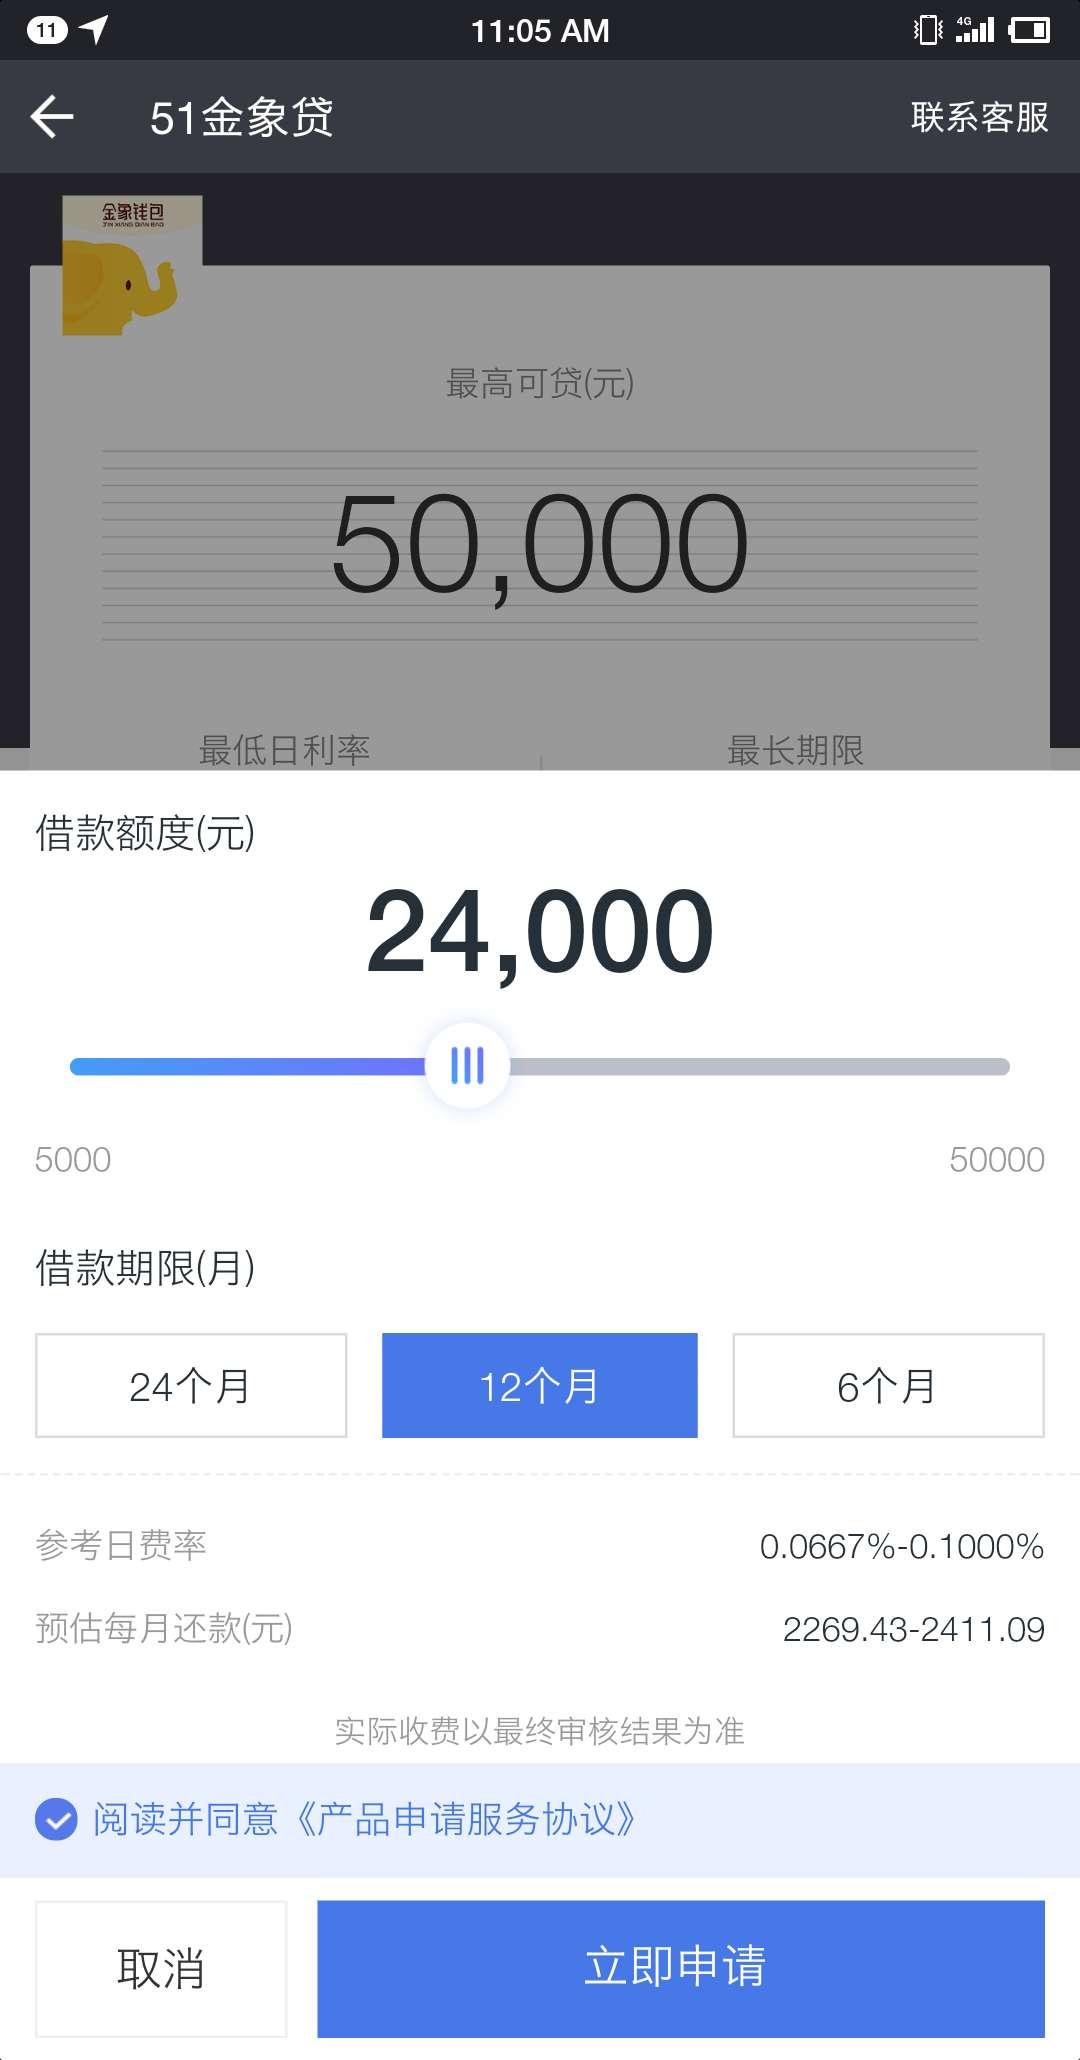 公积金借款新口:51金象贷,最高可借五万,最长24期!29 / 作者:飞泉鸣月 /